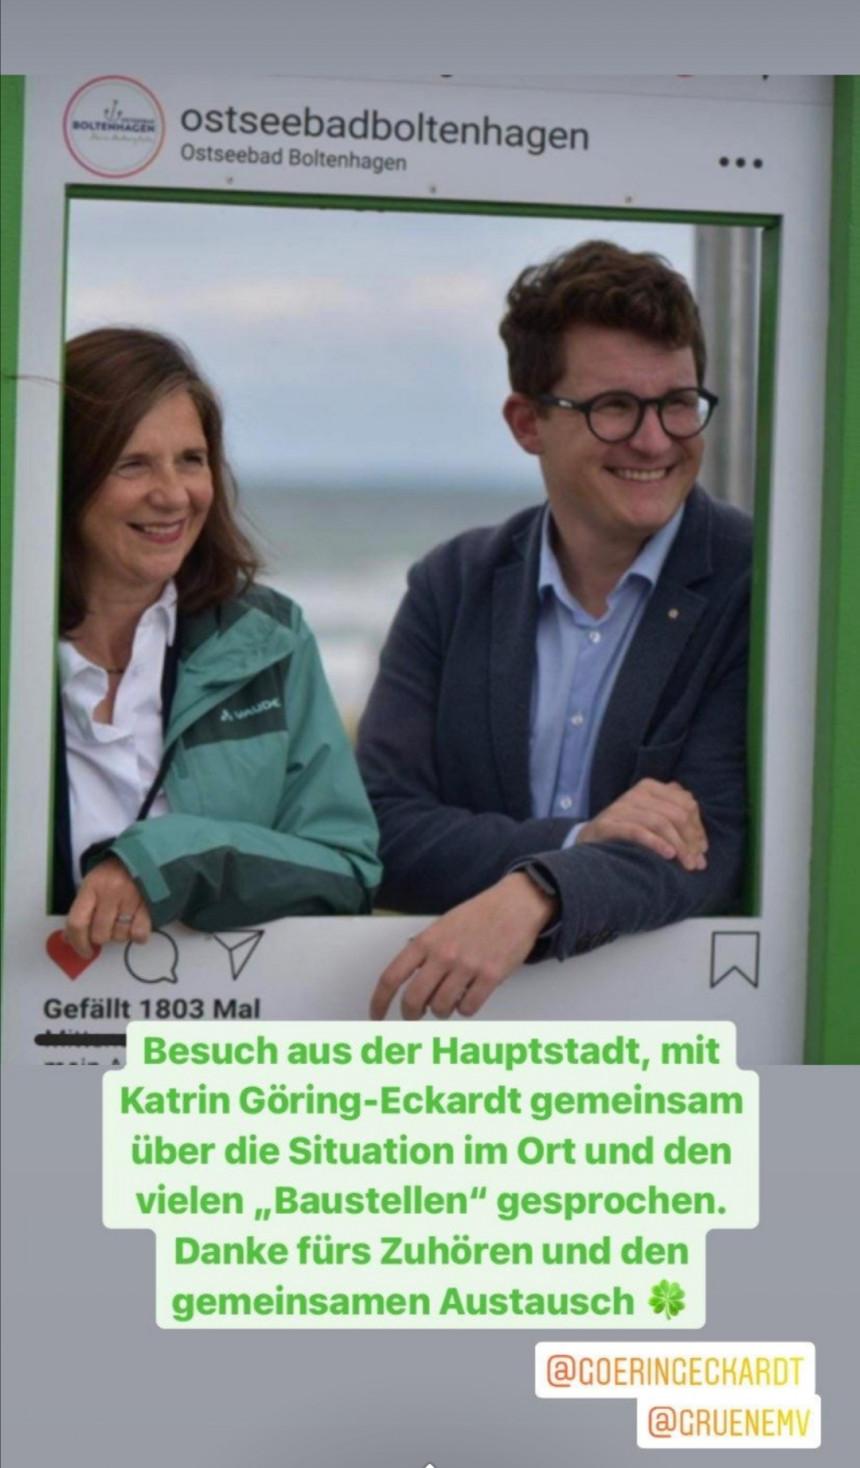 Katrin Göring-Eckardt besuchte vor einigen Tagen unser schönes Ostseebad.